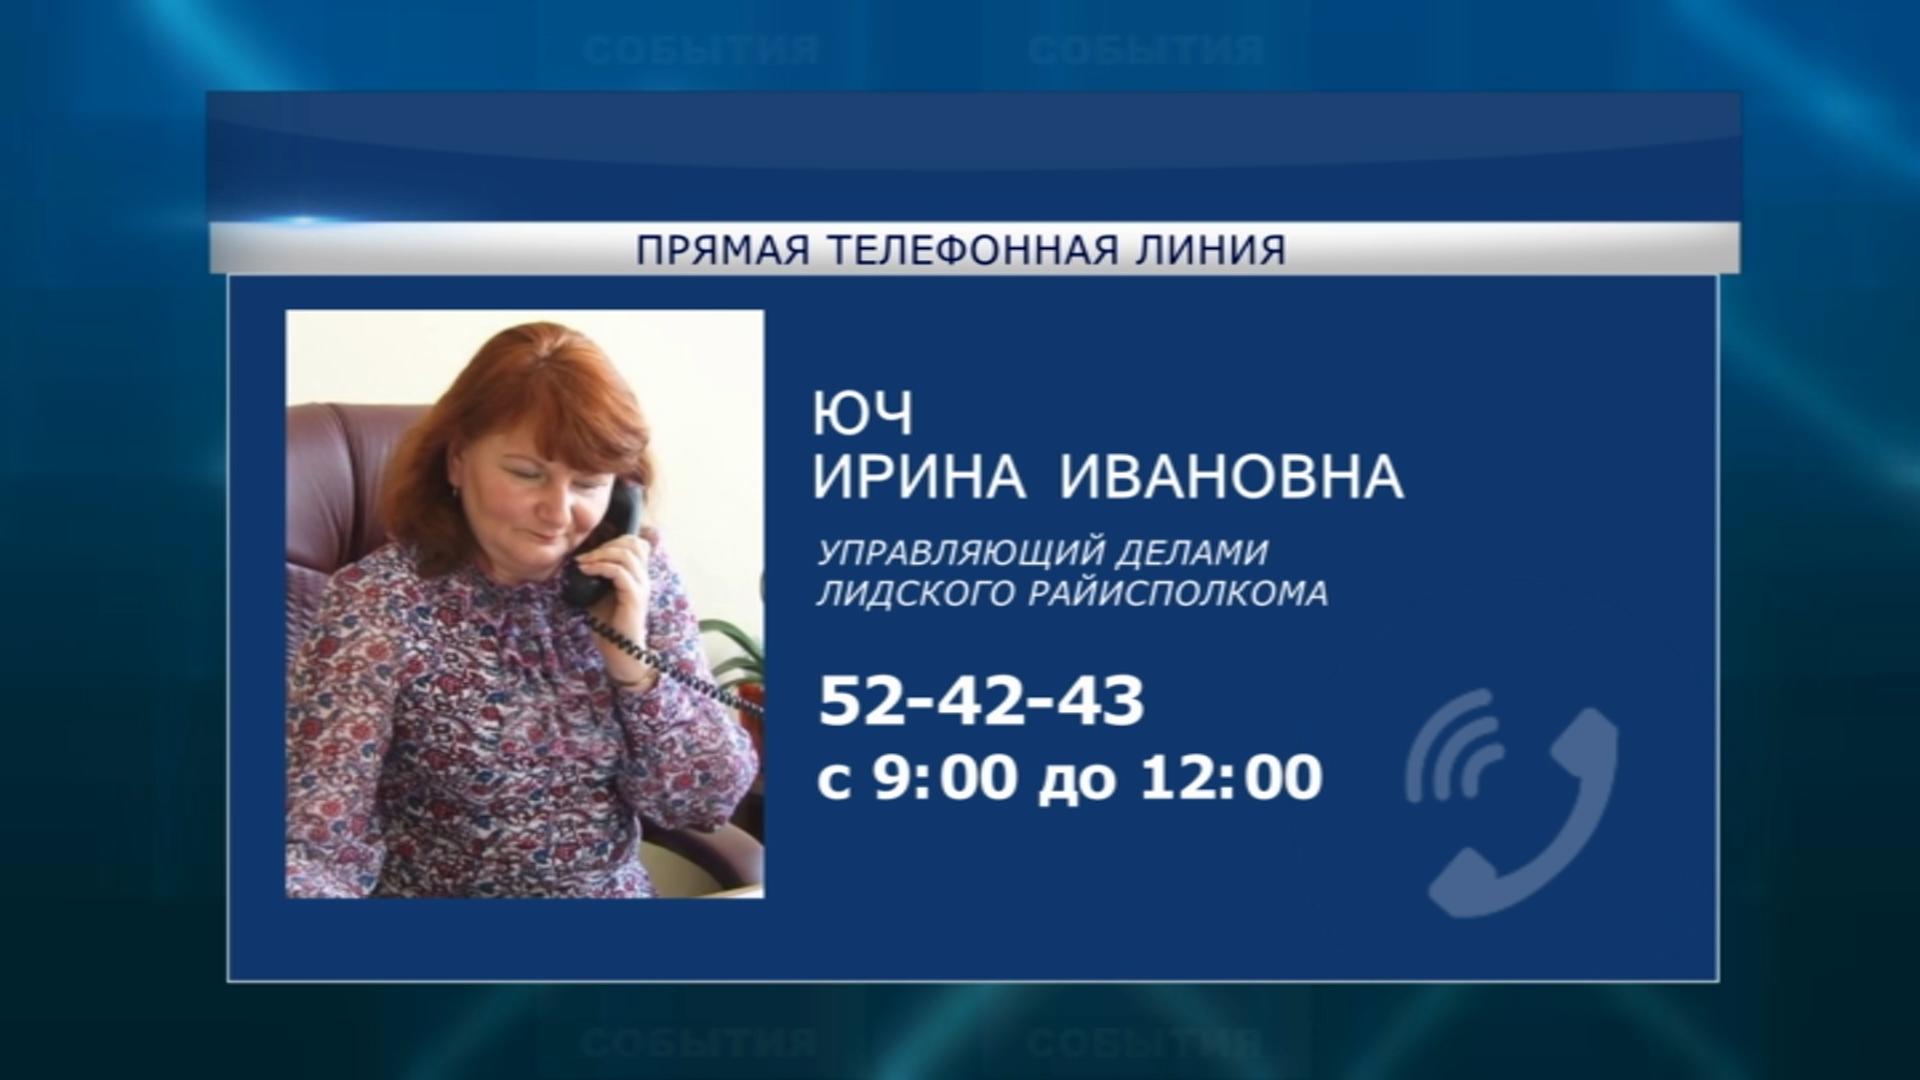 Очередная «прямая телефонная линия» пройдет в субботу, 9 ноября, в Лиде